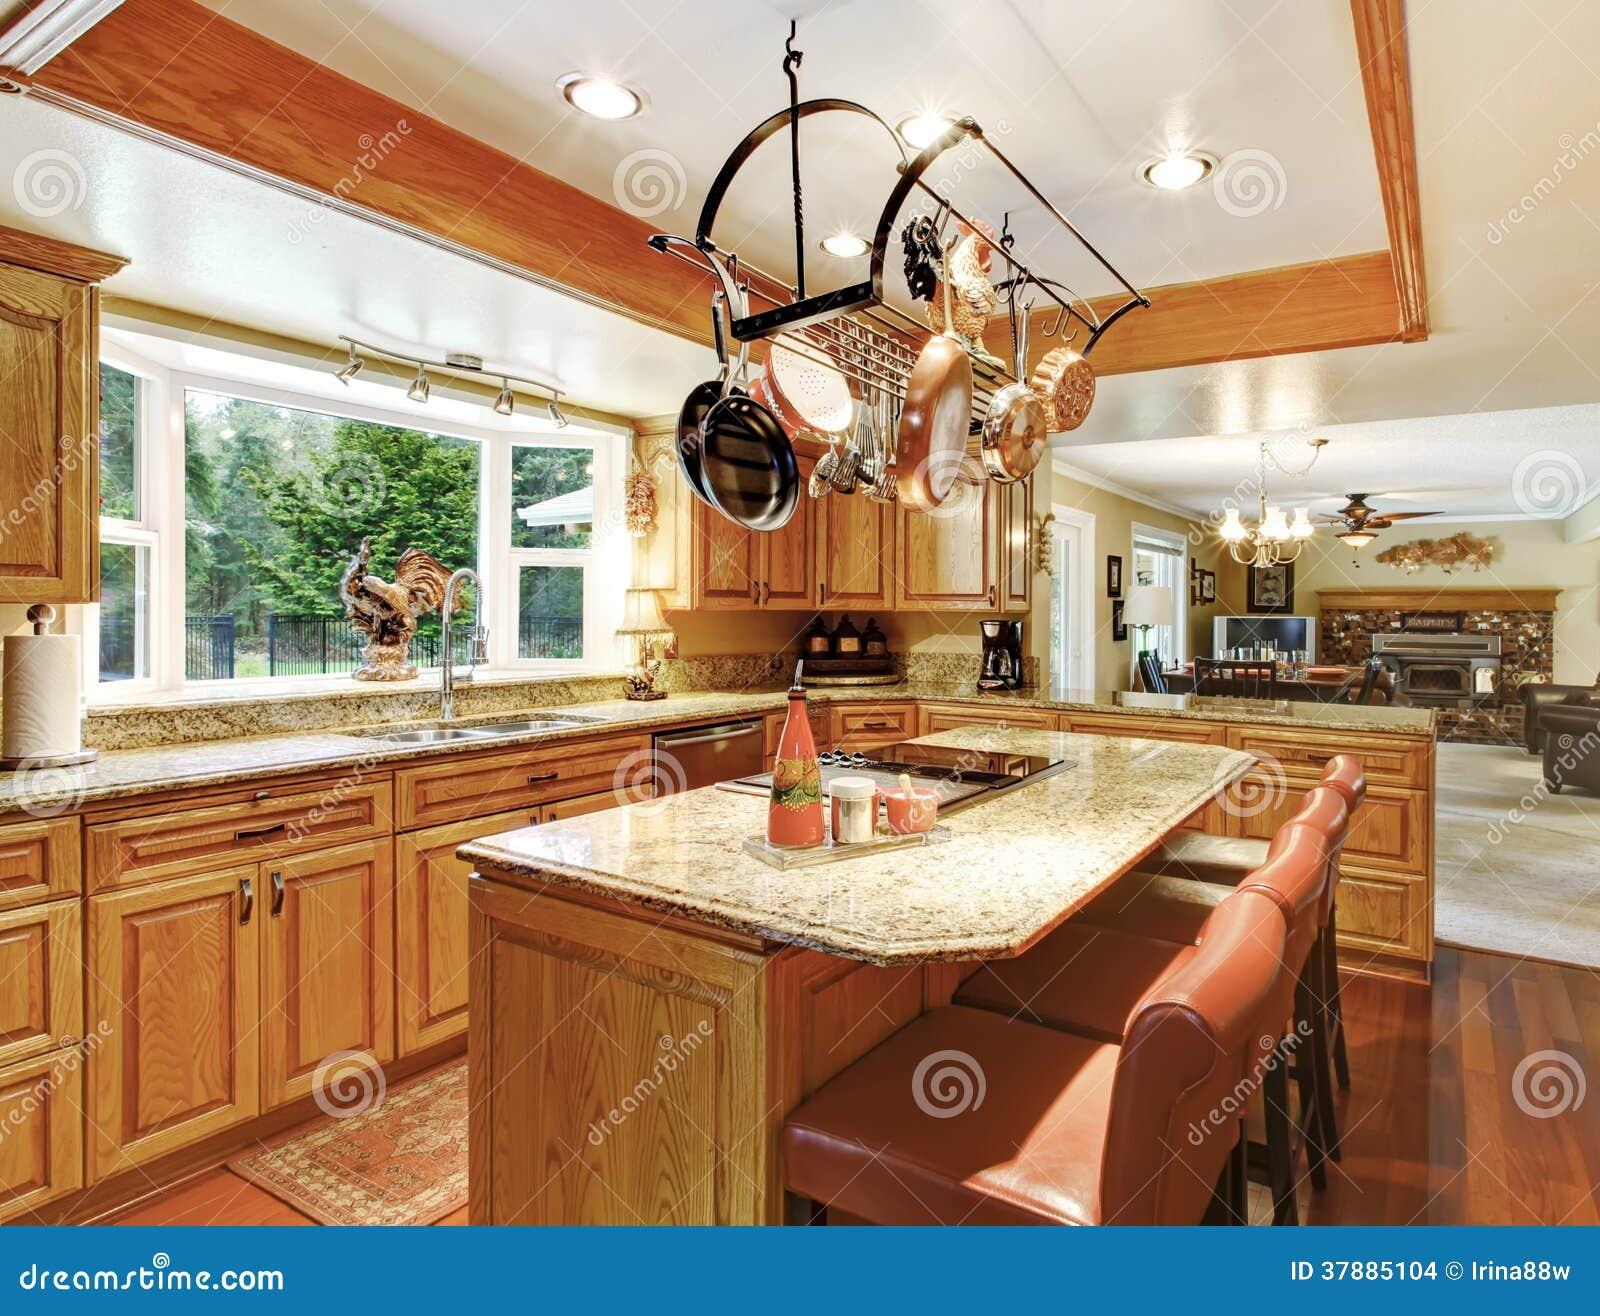 Heldere elegante keukenruimte